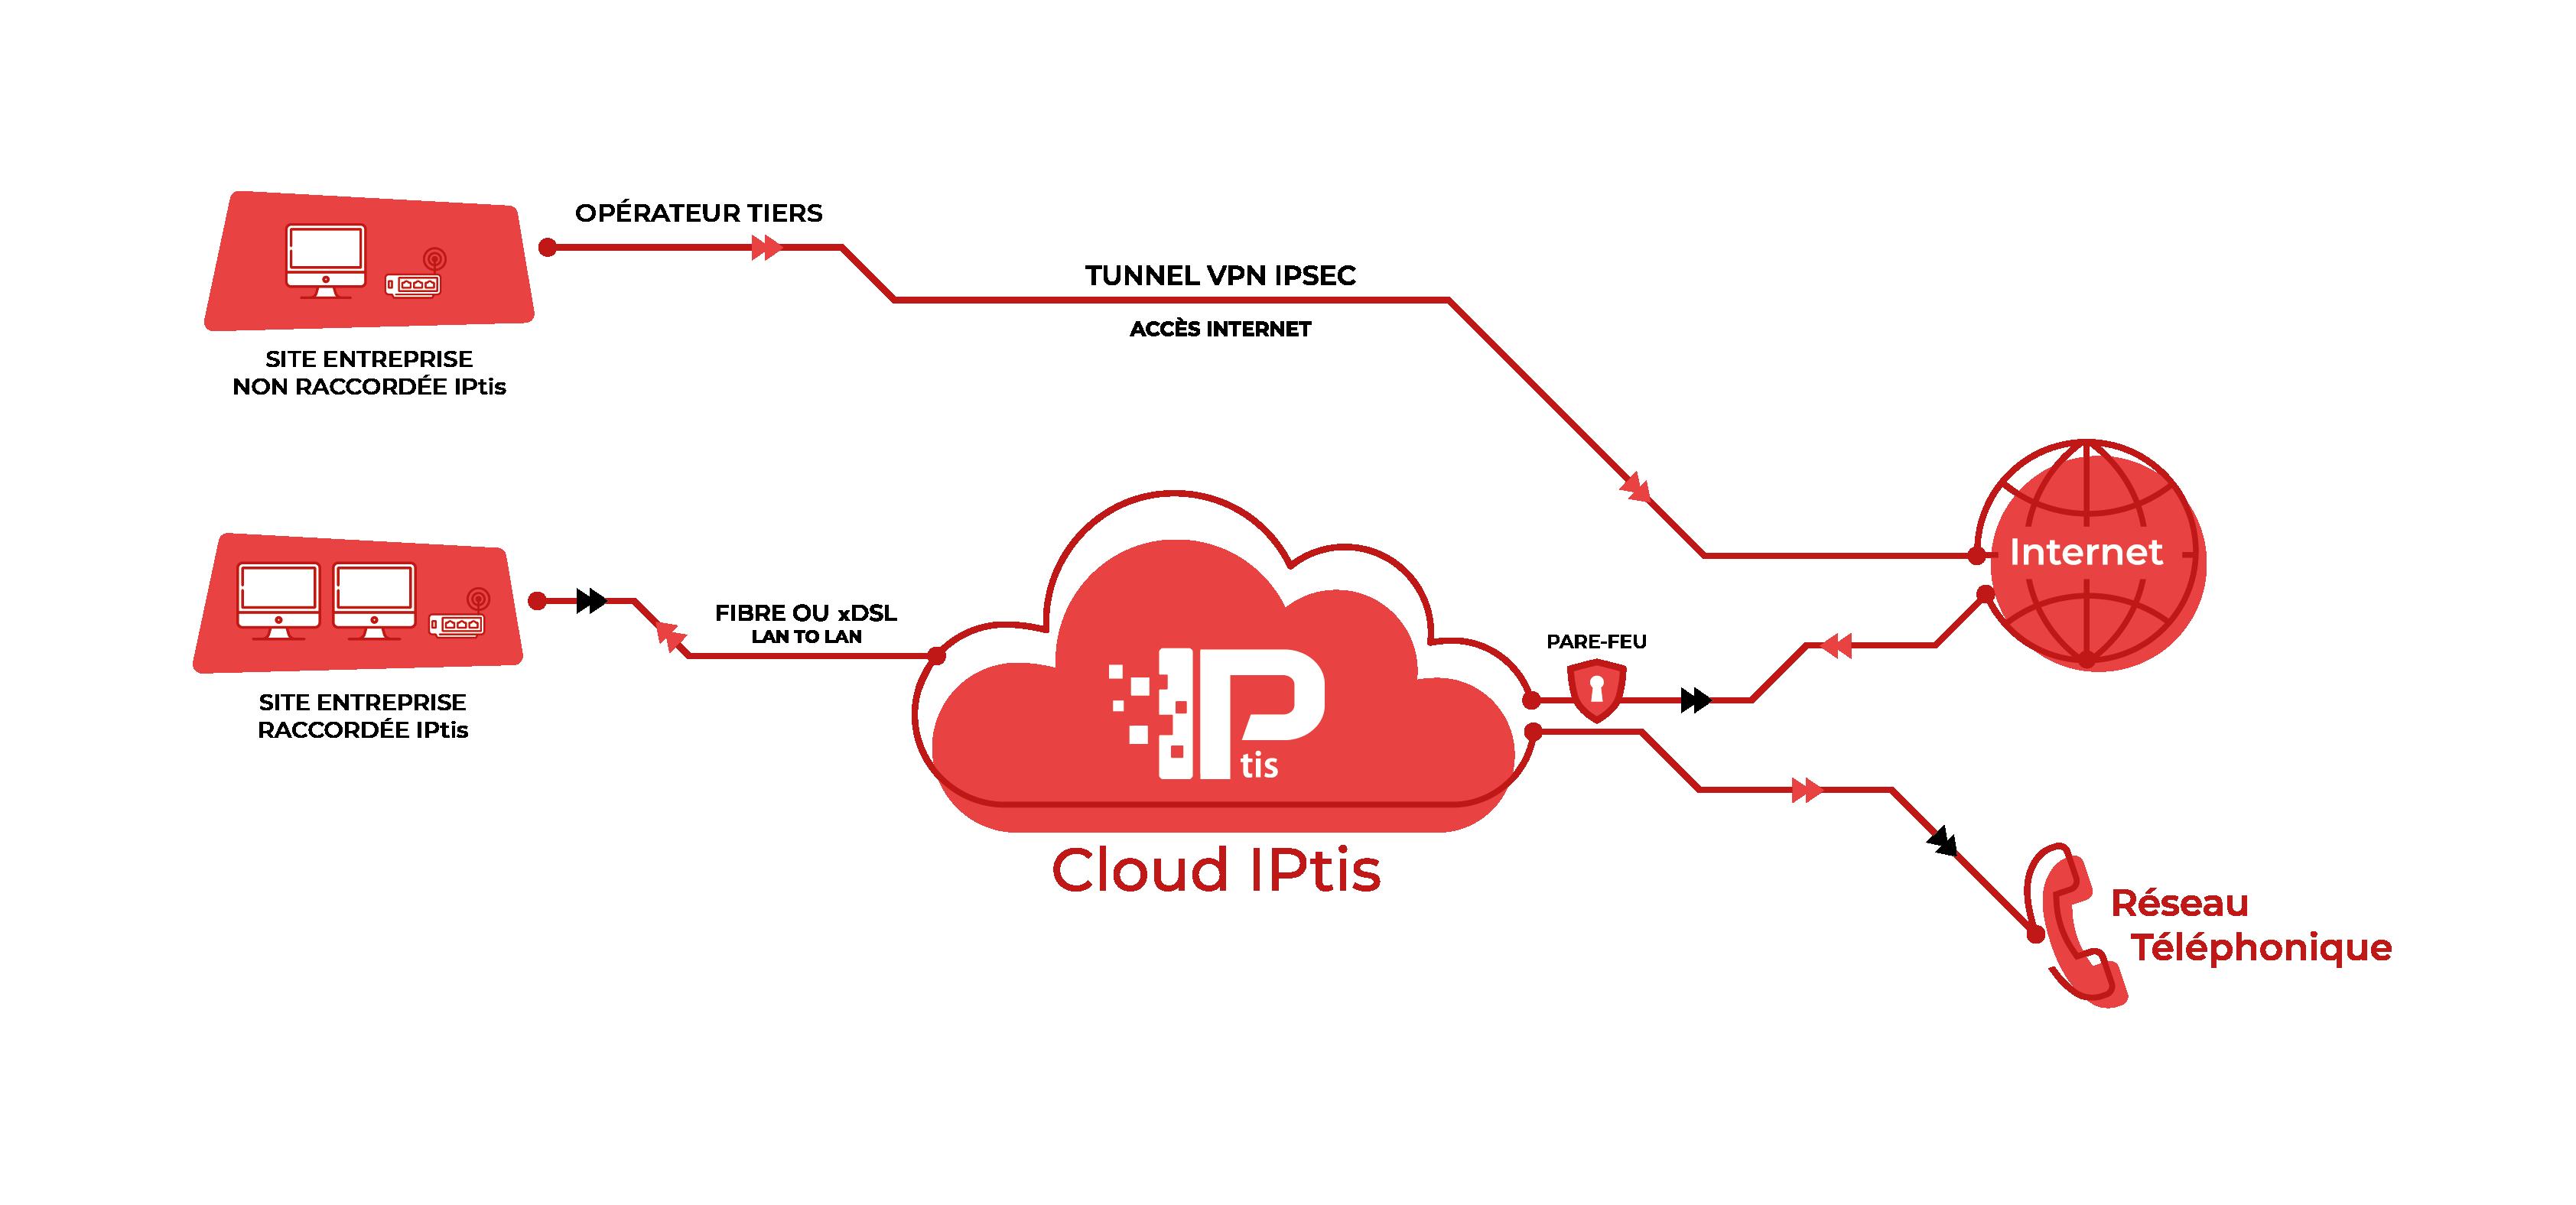 VPN IPSEC IPtis